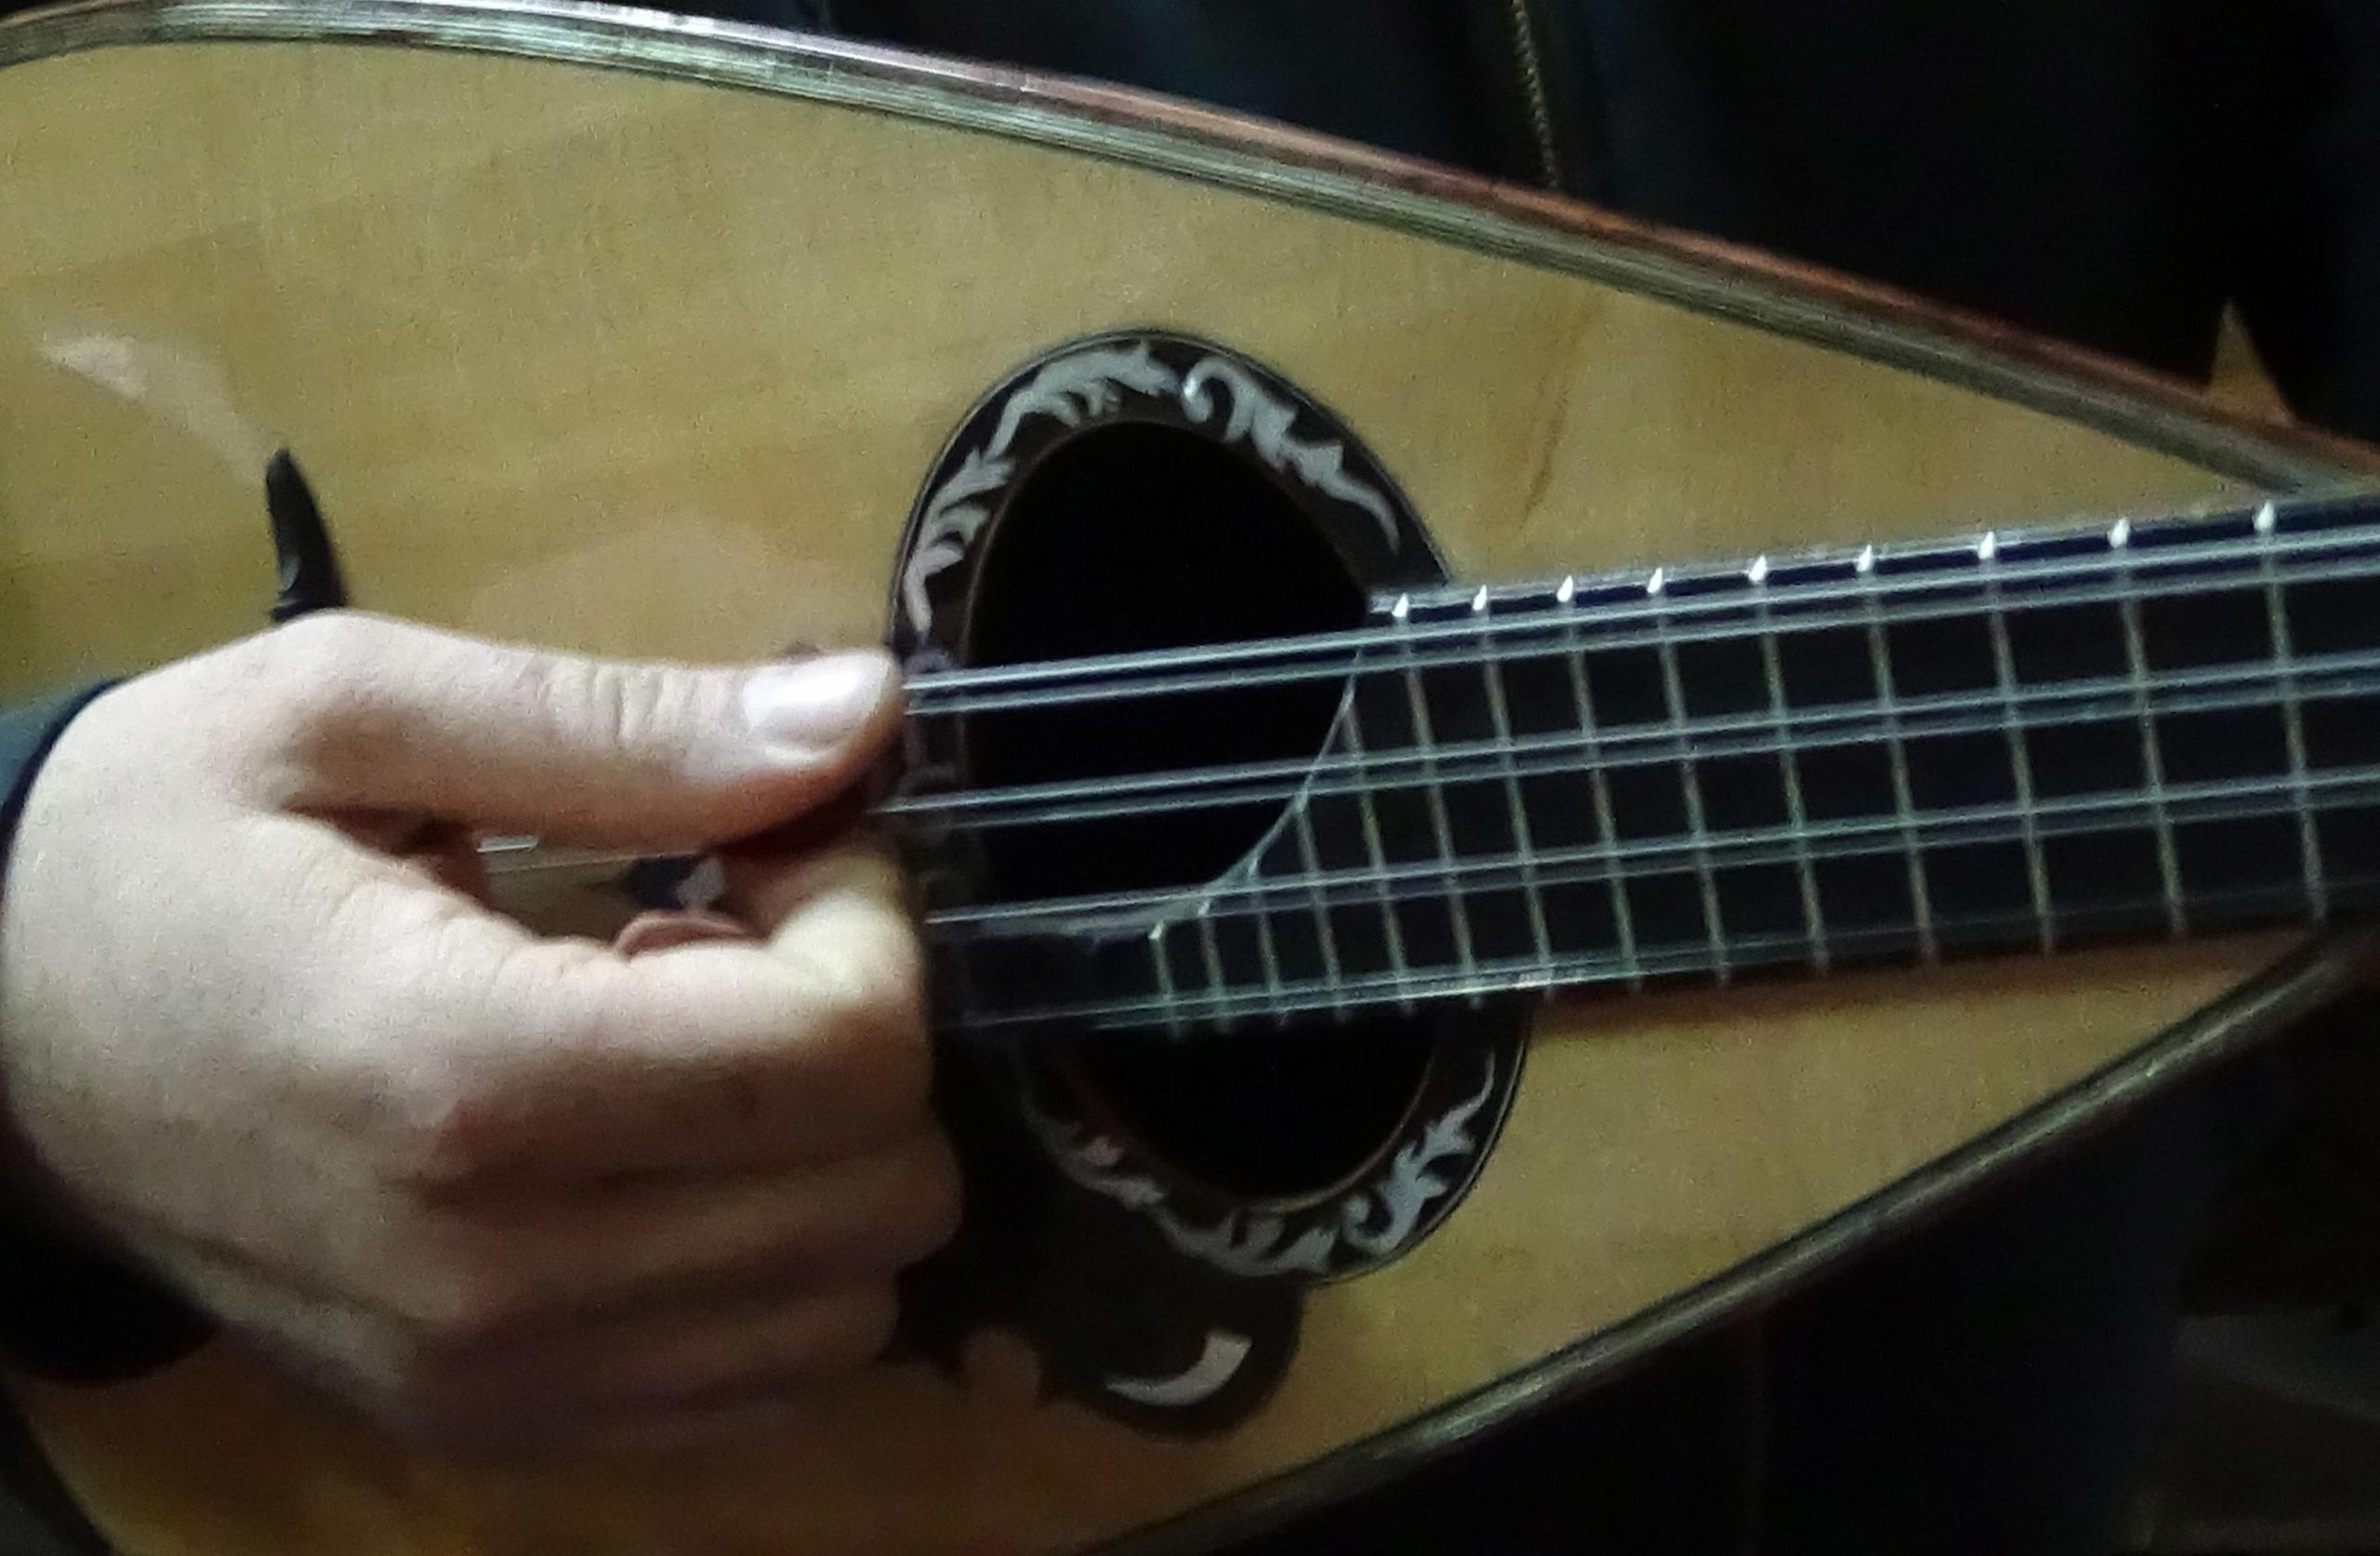 Un Sabato dedicato al Mandolino. Pietà de' Turchini sposta in virtuale incontro e concerto dedicato allo strumento della musica napoletana